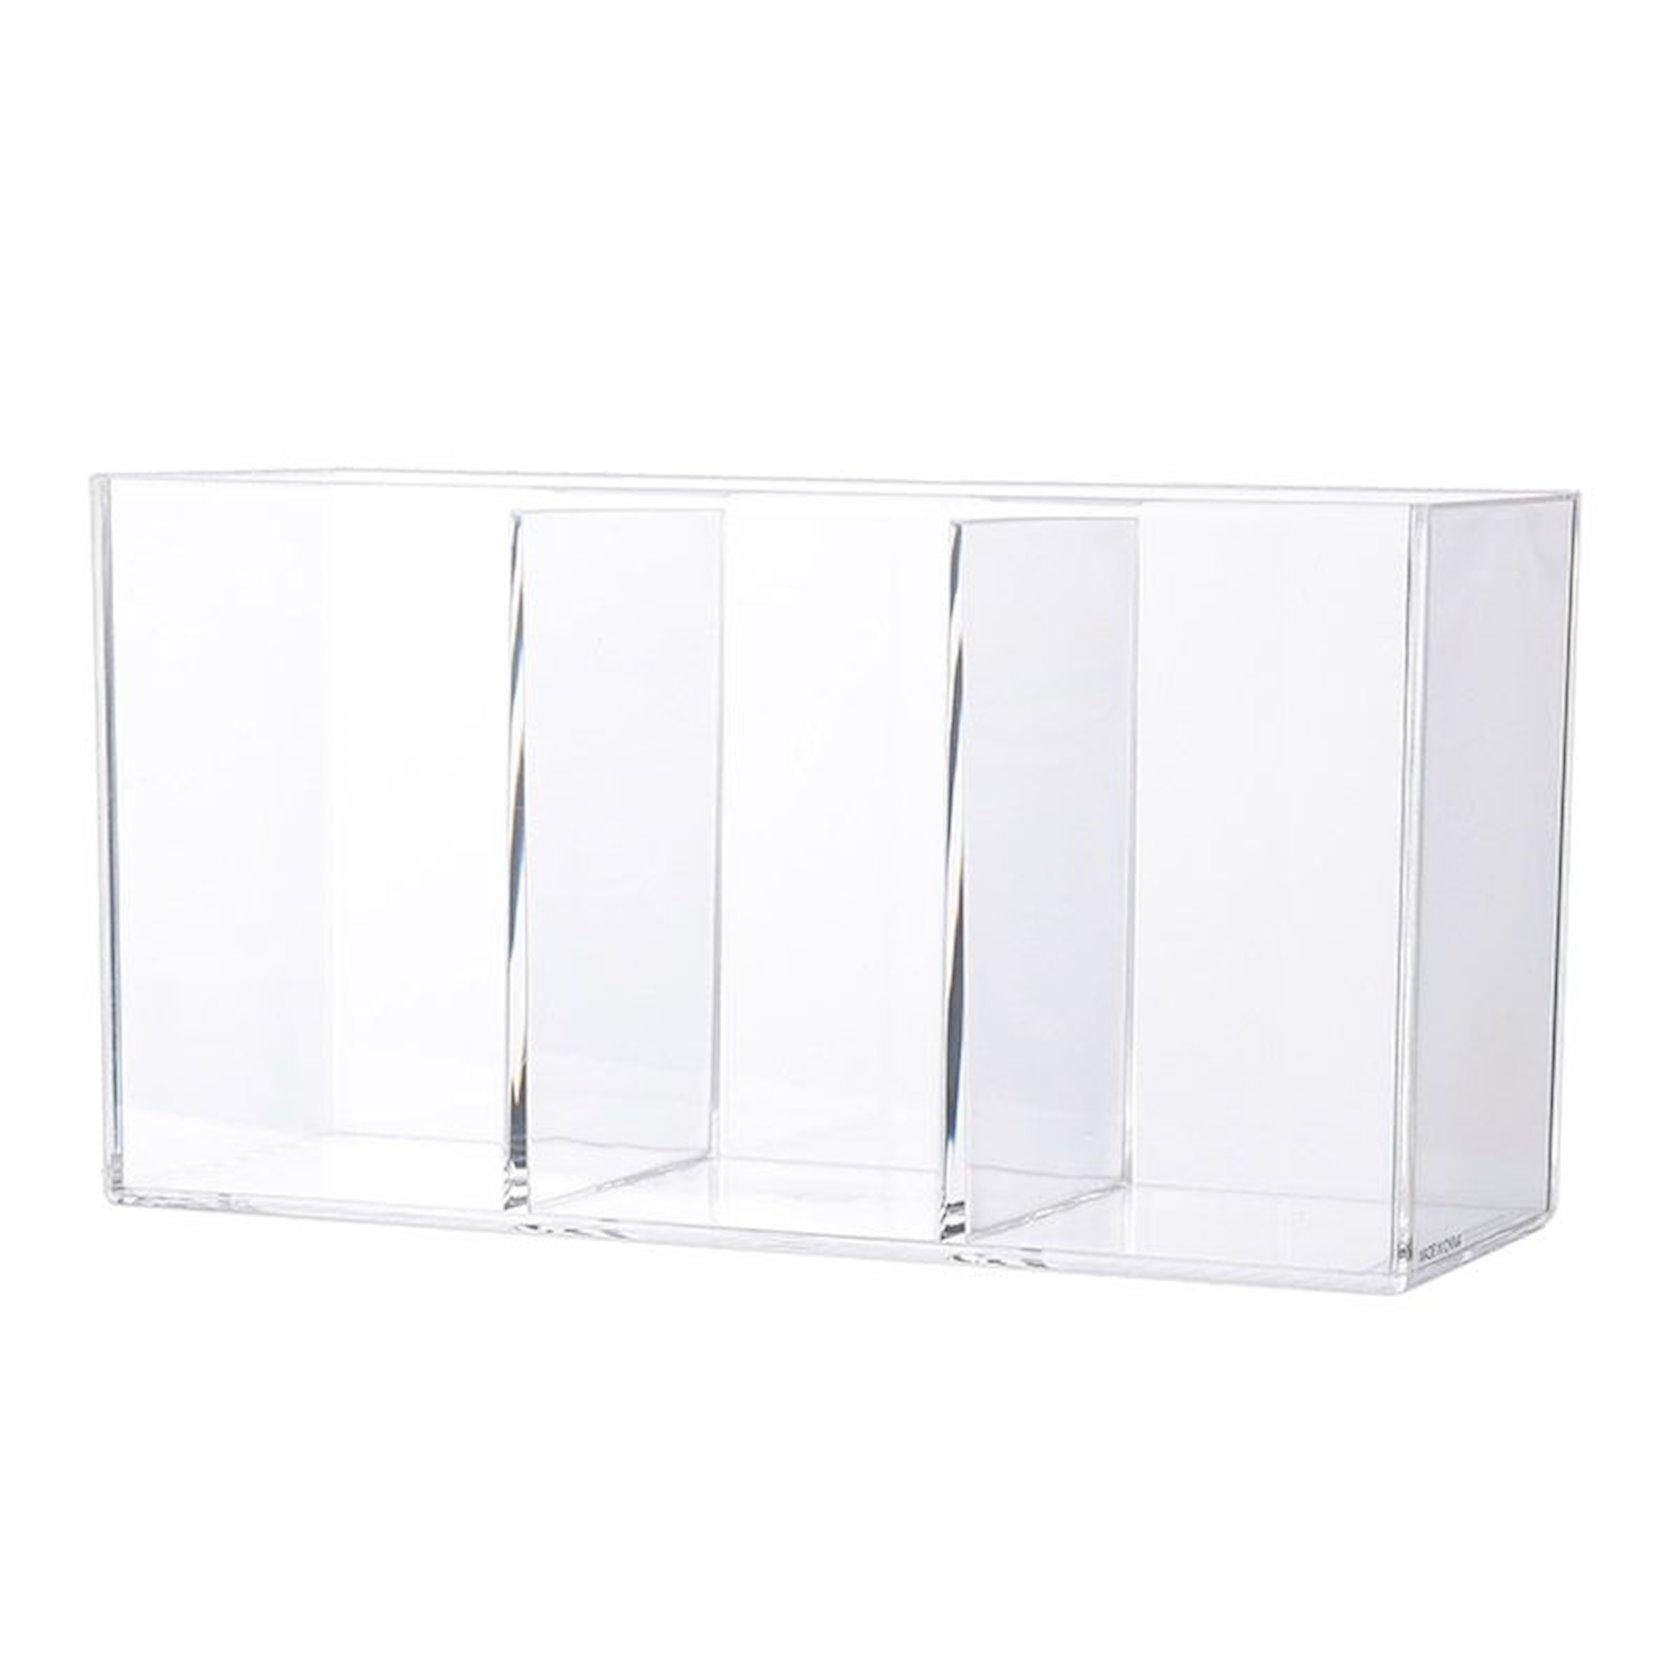 Kosmetika üçün orqanayzer Miniso Transparant